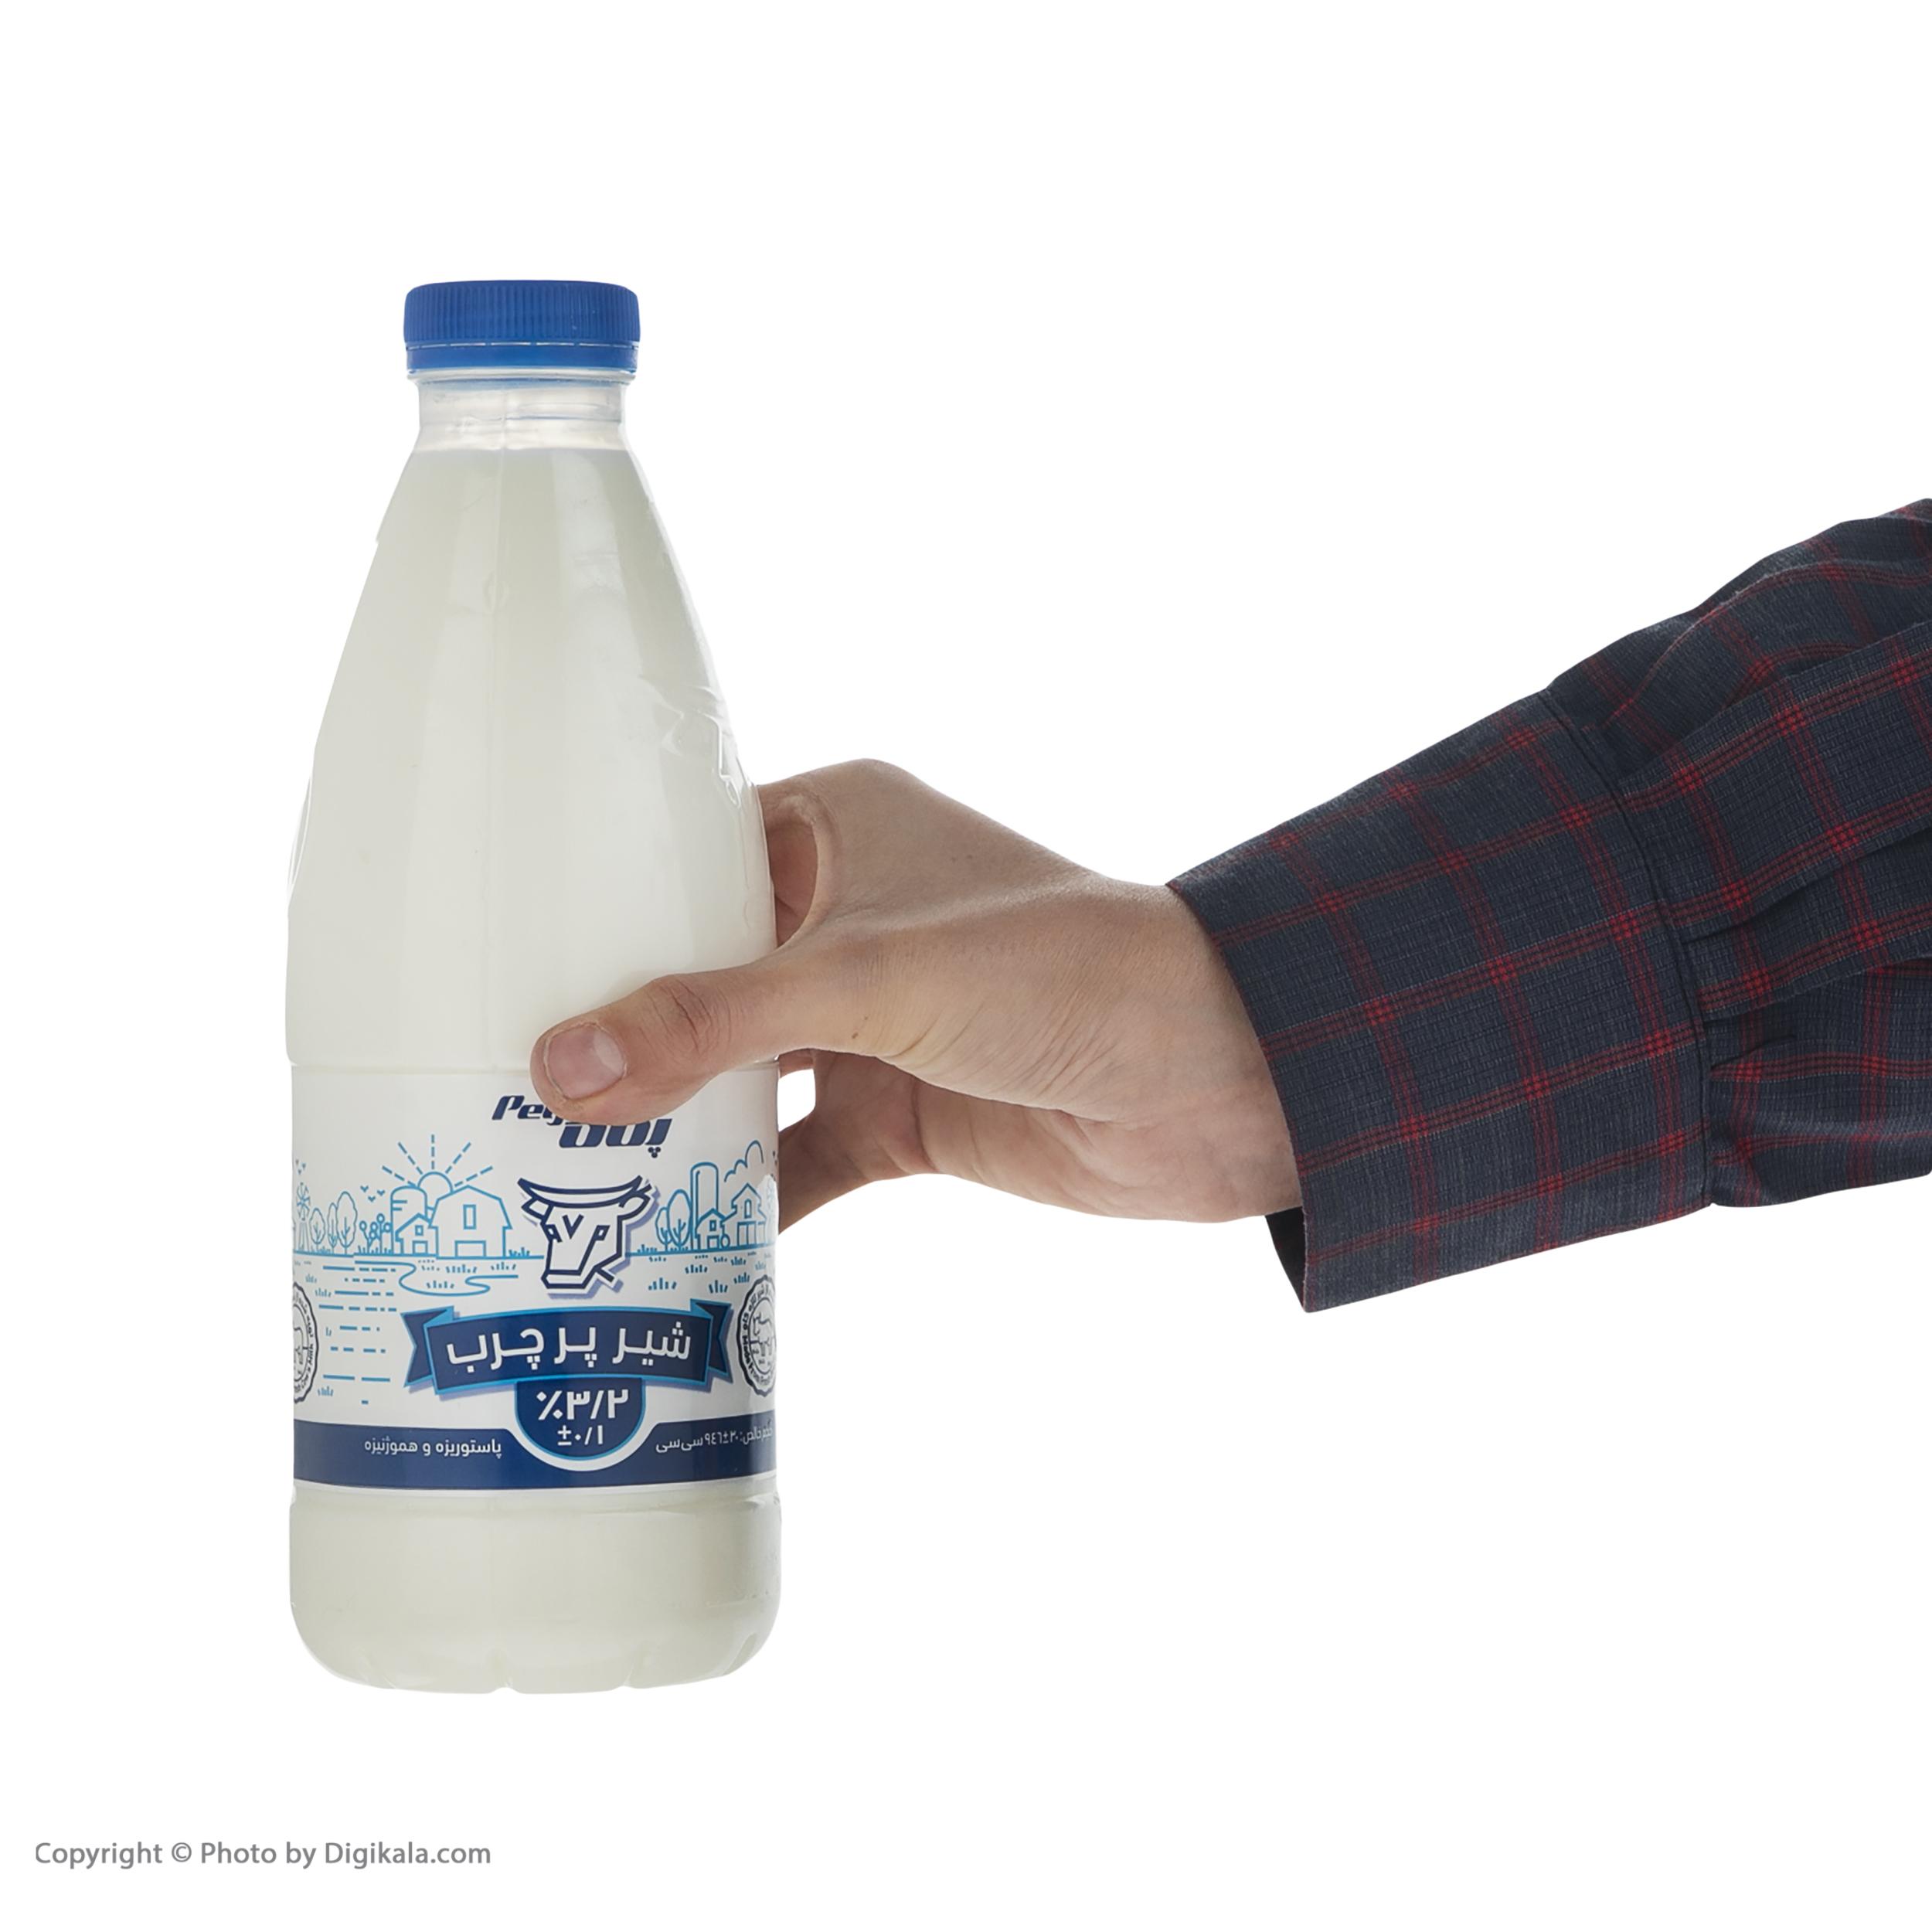 شیر پر چرب پگاه - 946 میلی لیتر